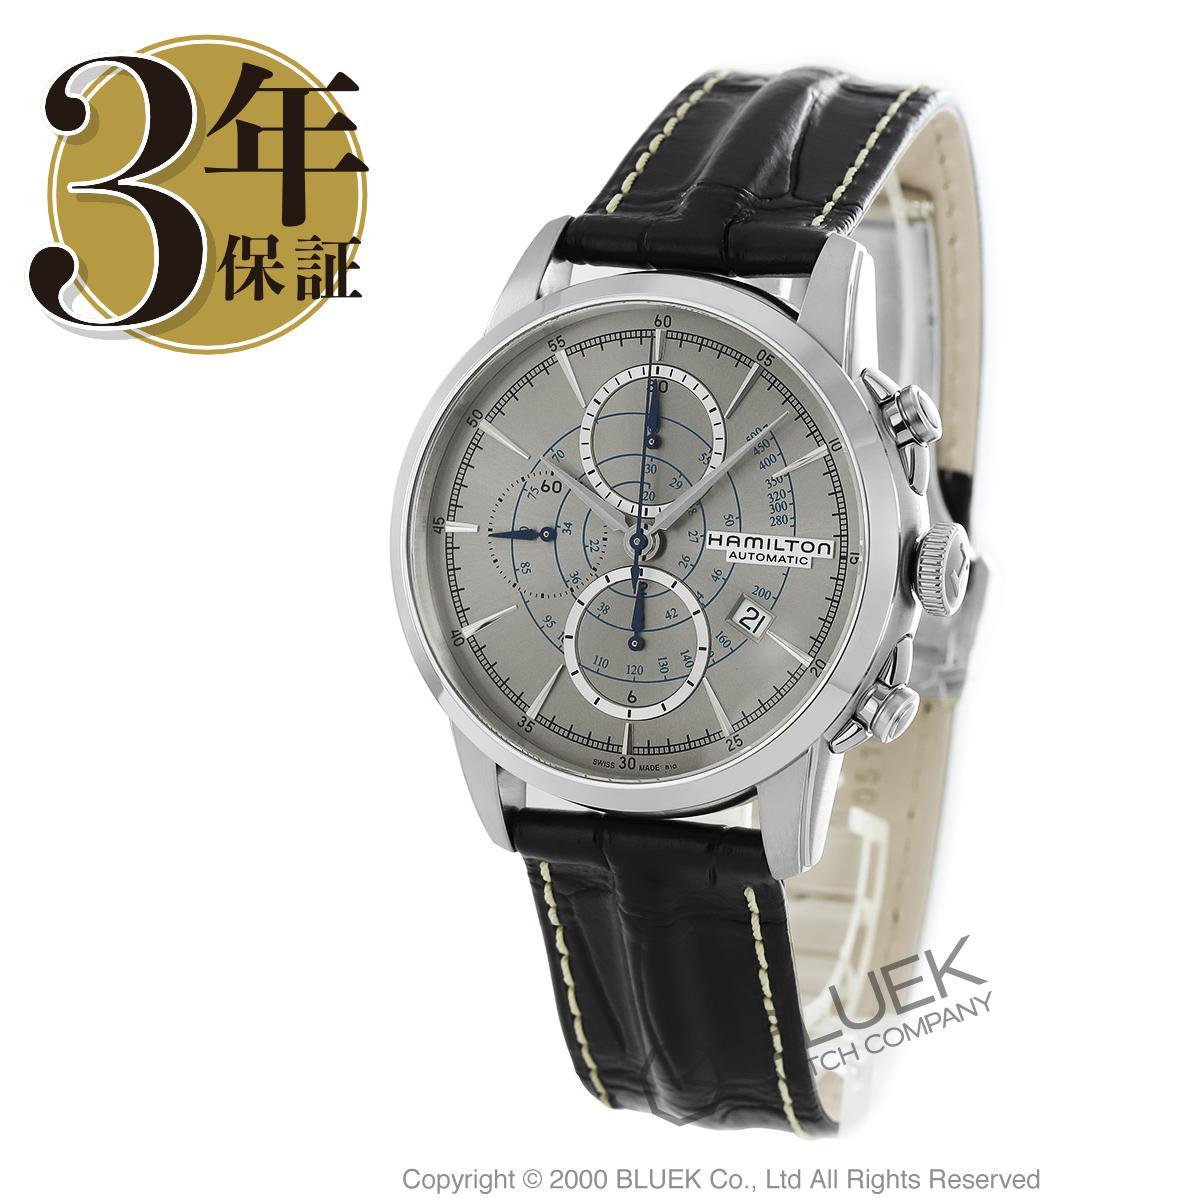 ハミルトン レイルロード クロノグラフ 腕時計 メンズ HAMILTON H40656781_8 バーゲン 成人祝い ギフト プレゼント